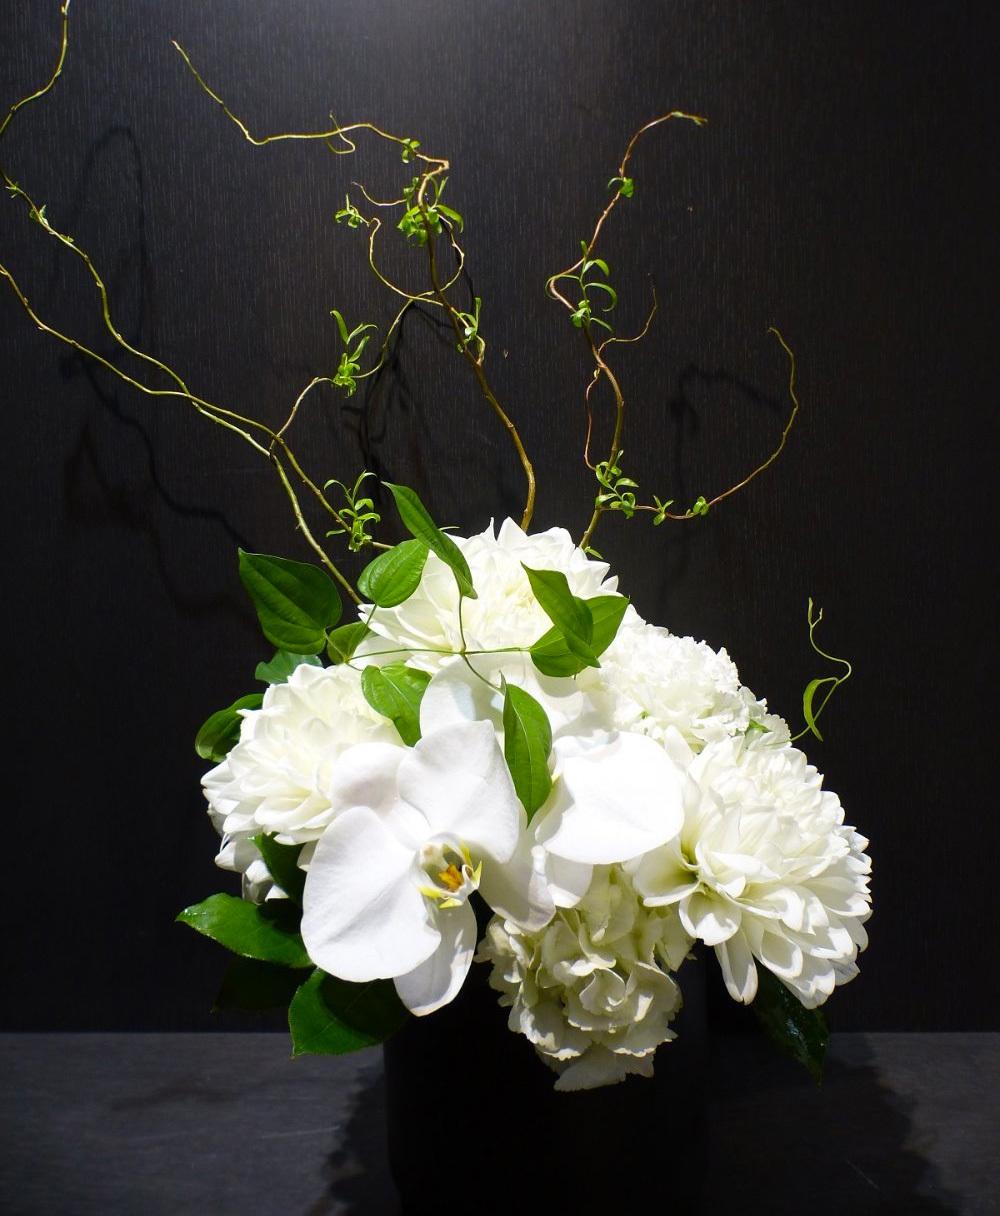 スタイリッシュなギャラリーのリニューアルオープン祝い花|